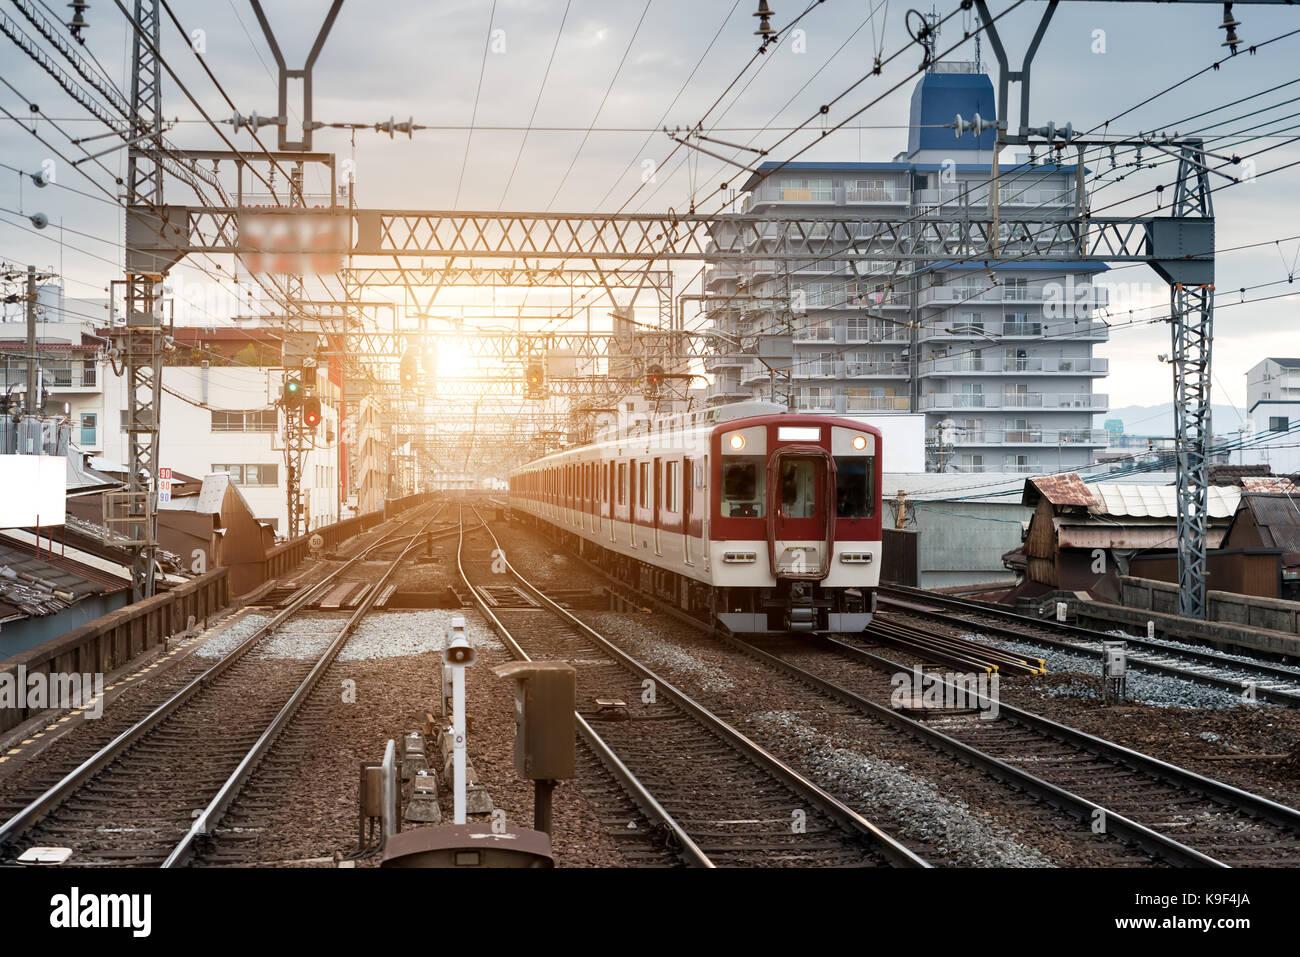 Japón en tren de ferrocarril con skyline en Osaka, Japón, para el transporte antecedentes Imagen De Stock